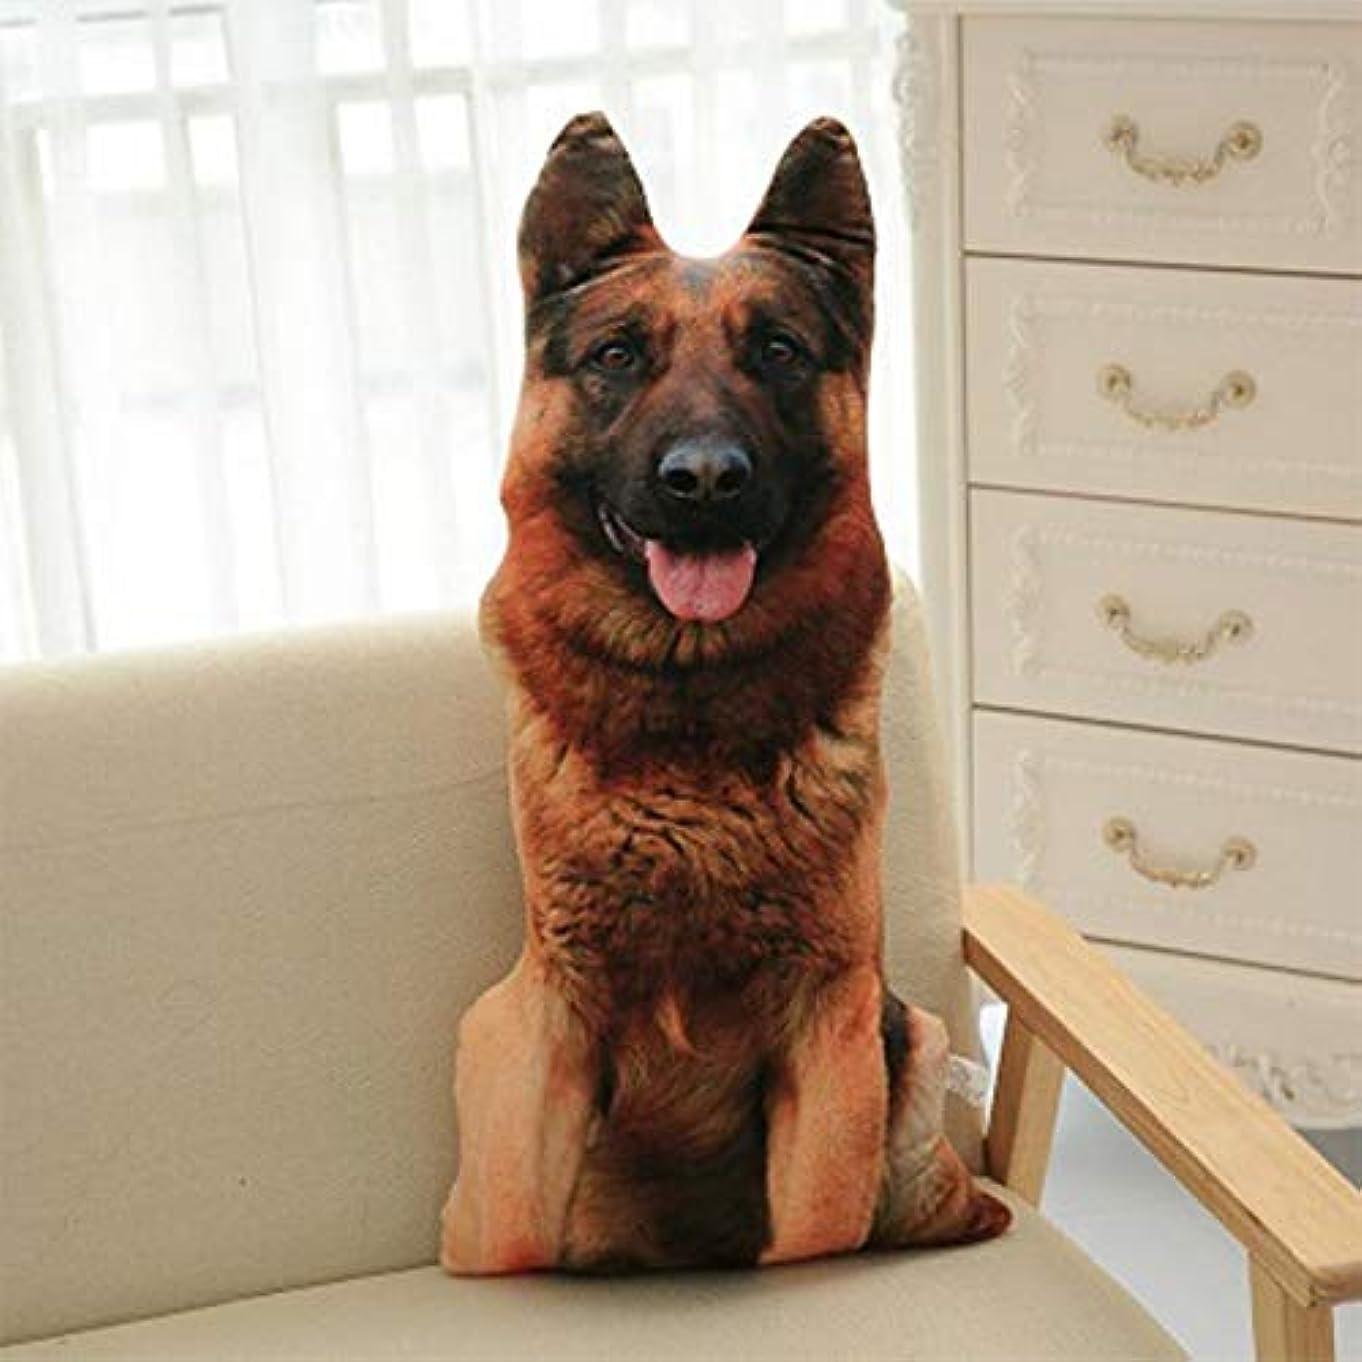 百万臨検雹LIFE 3D プリントシミュレーション犬ぬいぐるみクッションぬいぐるみ犬ぬいぐるみ枕ぬいぐるみの漫画クッションキッズ人形ベストギフト クッション 椅子